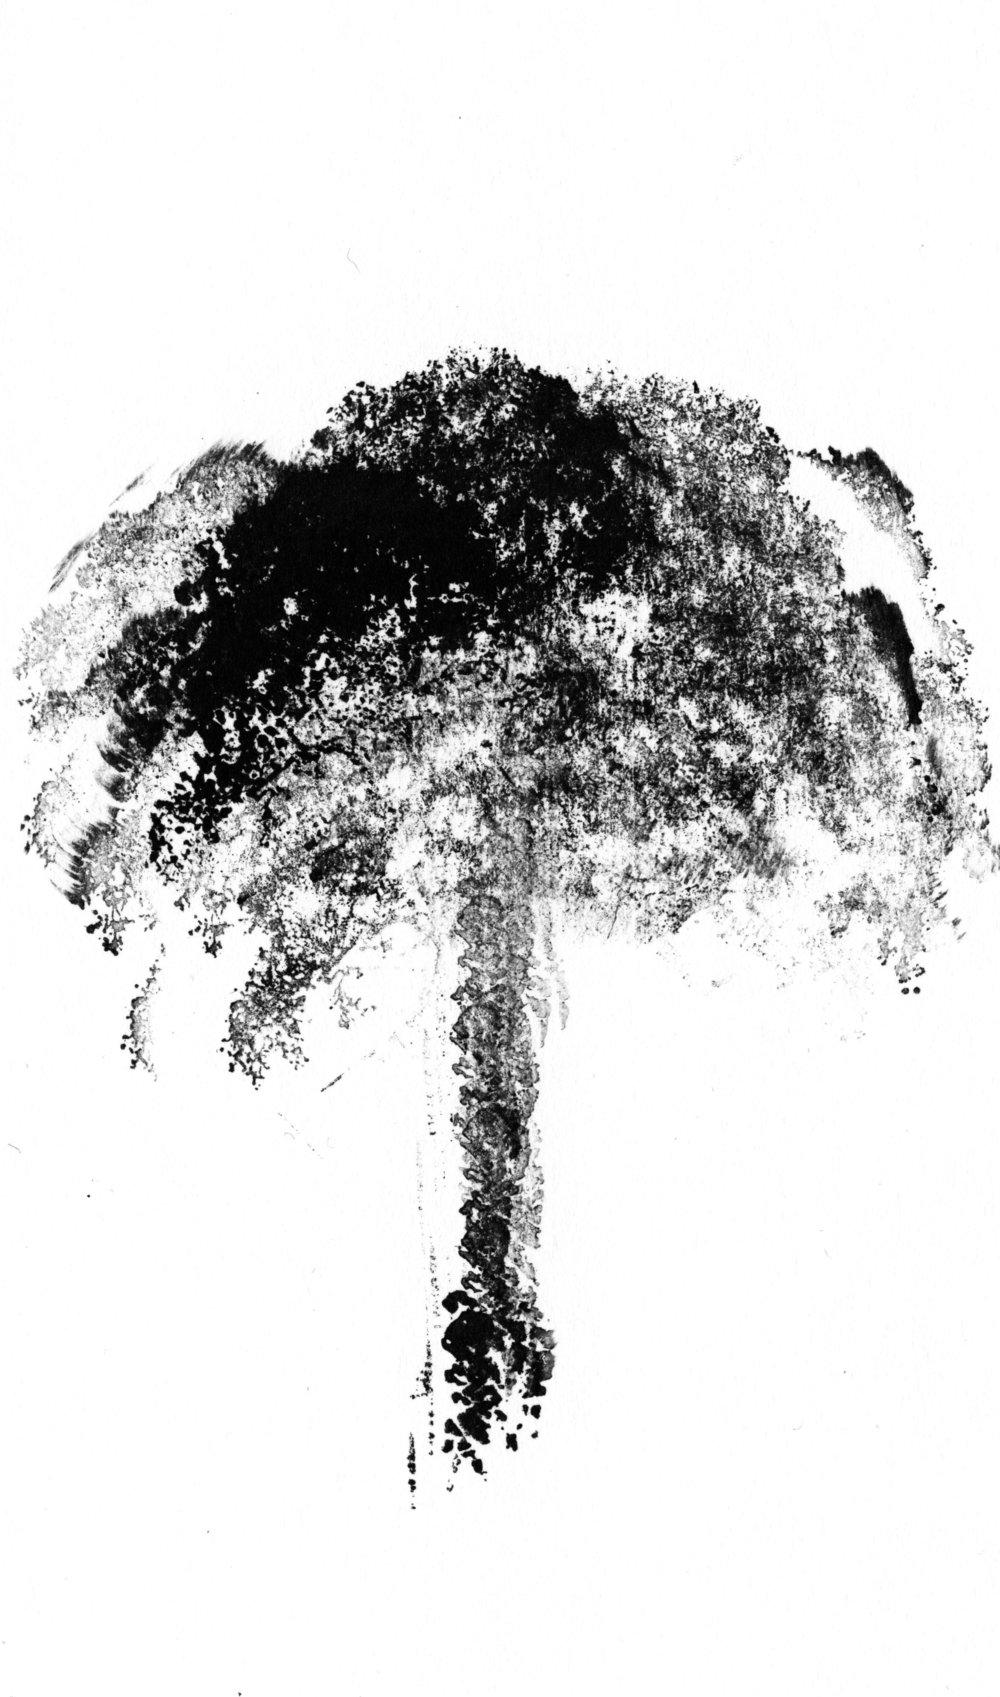 trees_white02.jpg